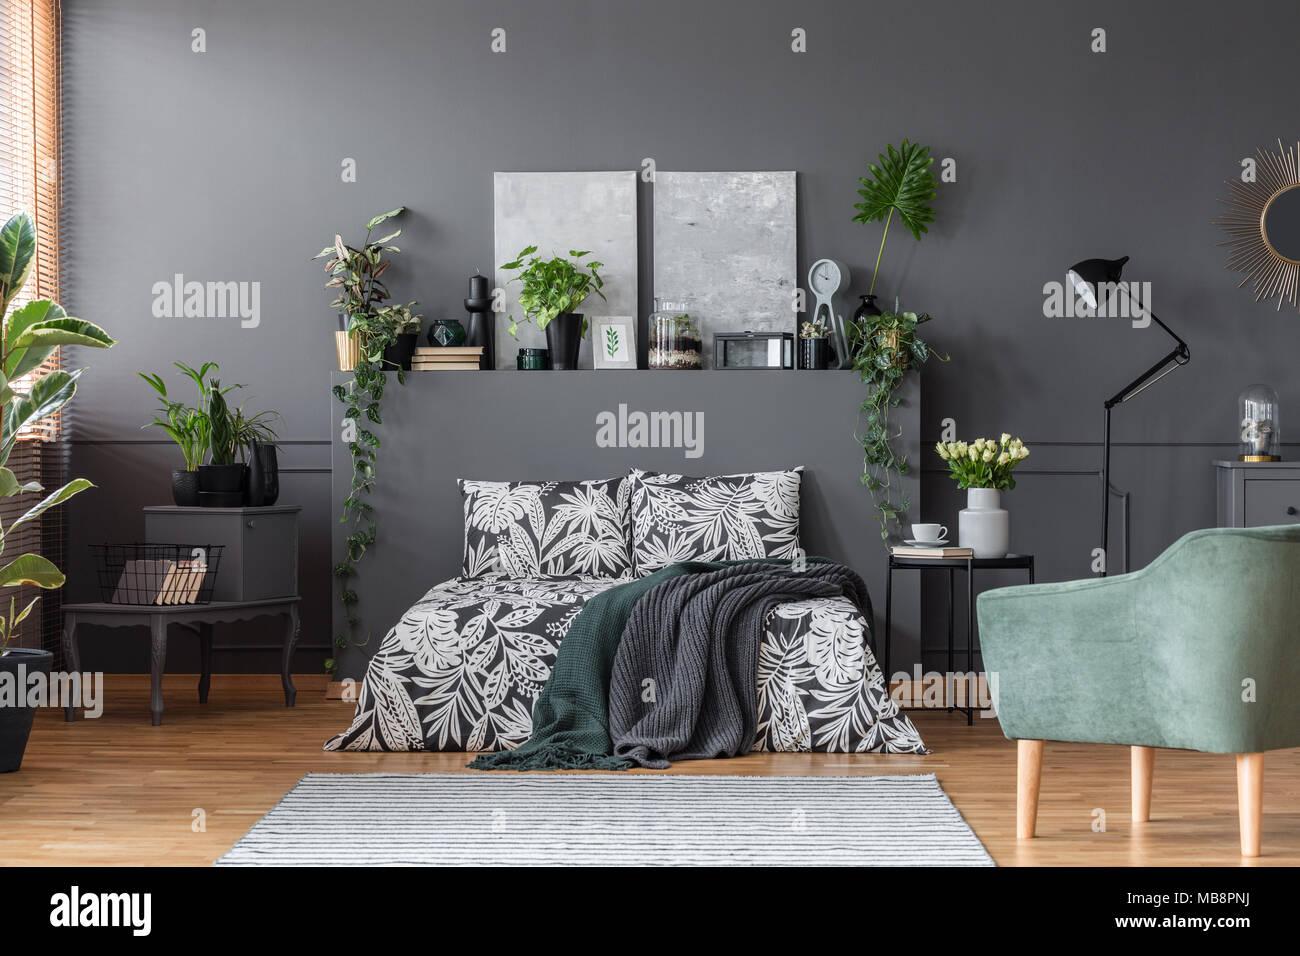 Fresche piante verdi poste in grigio scuro interiore camera da